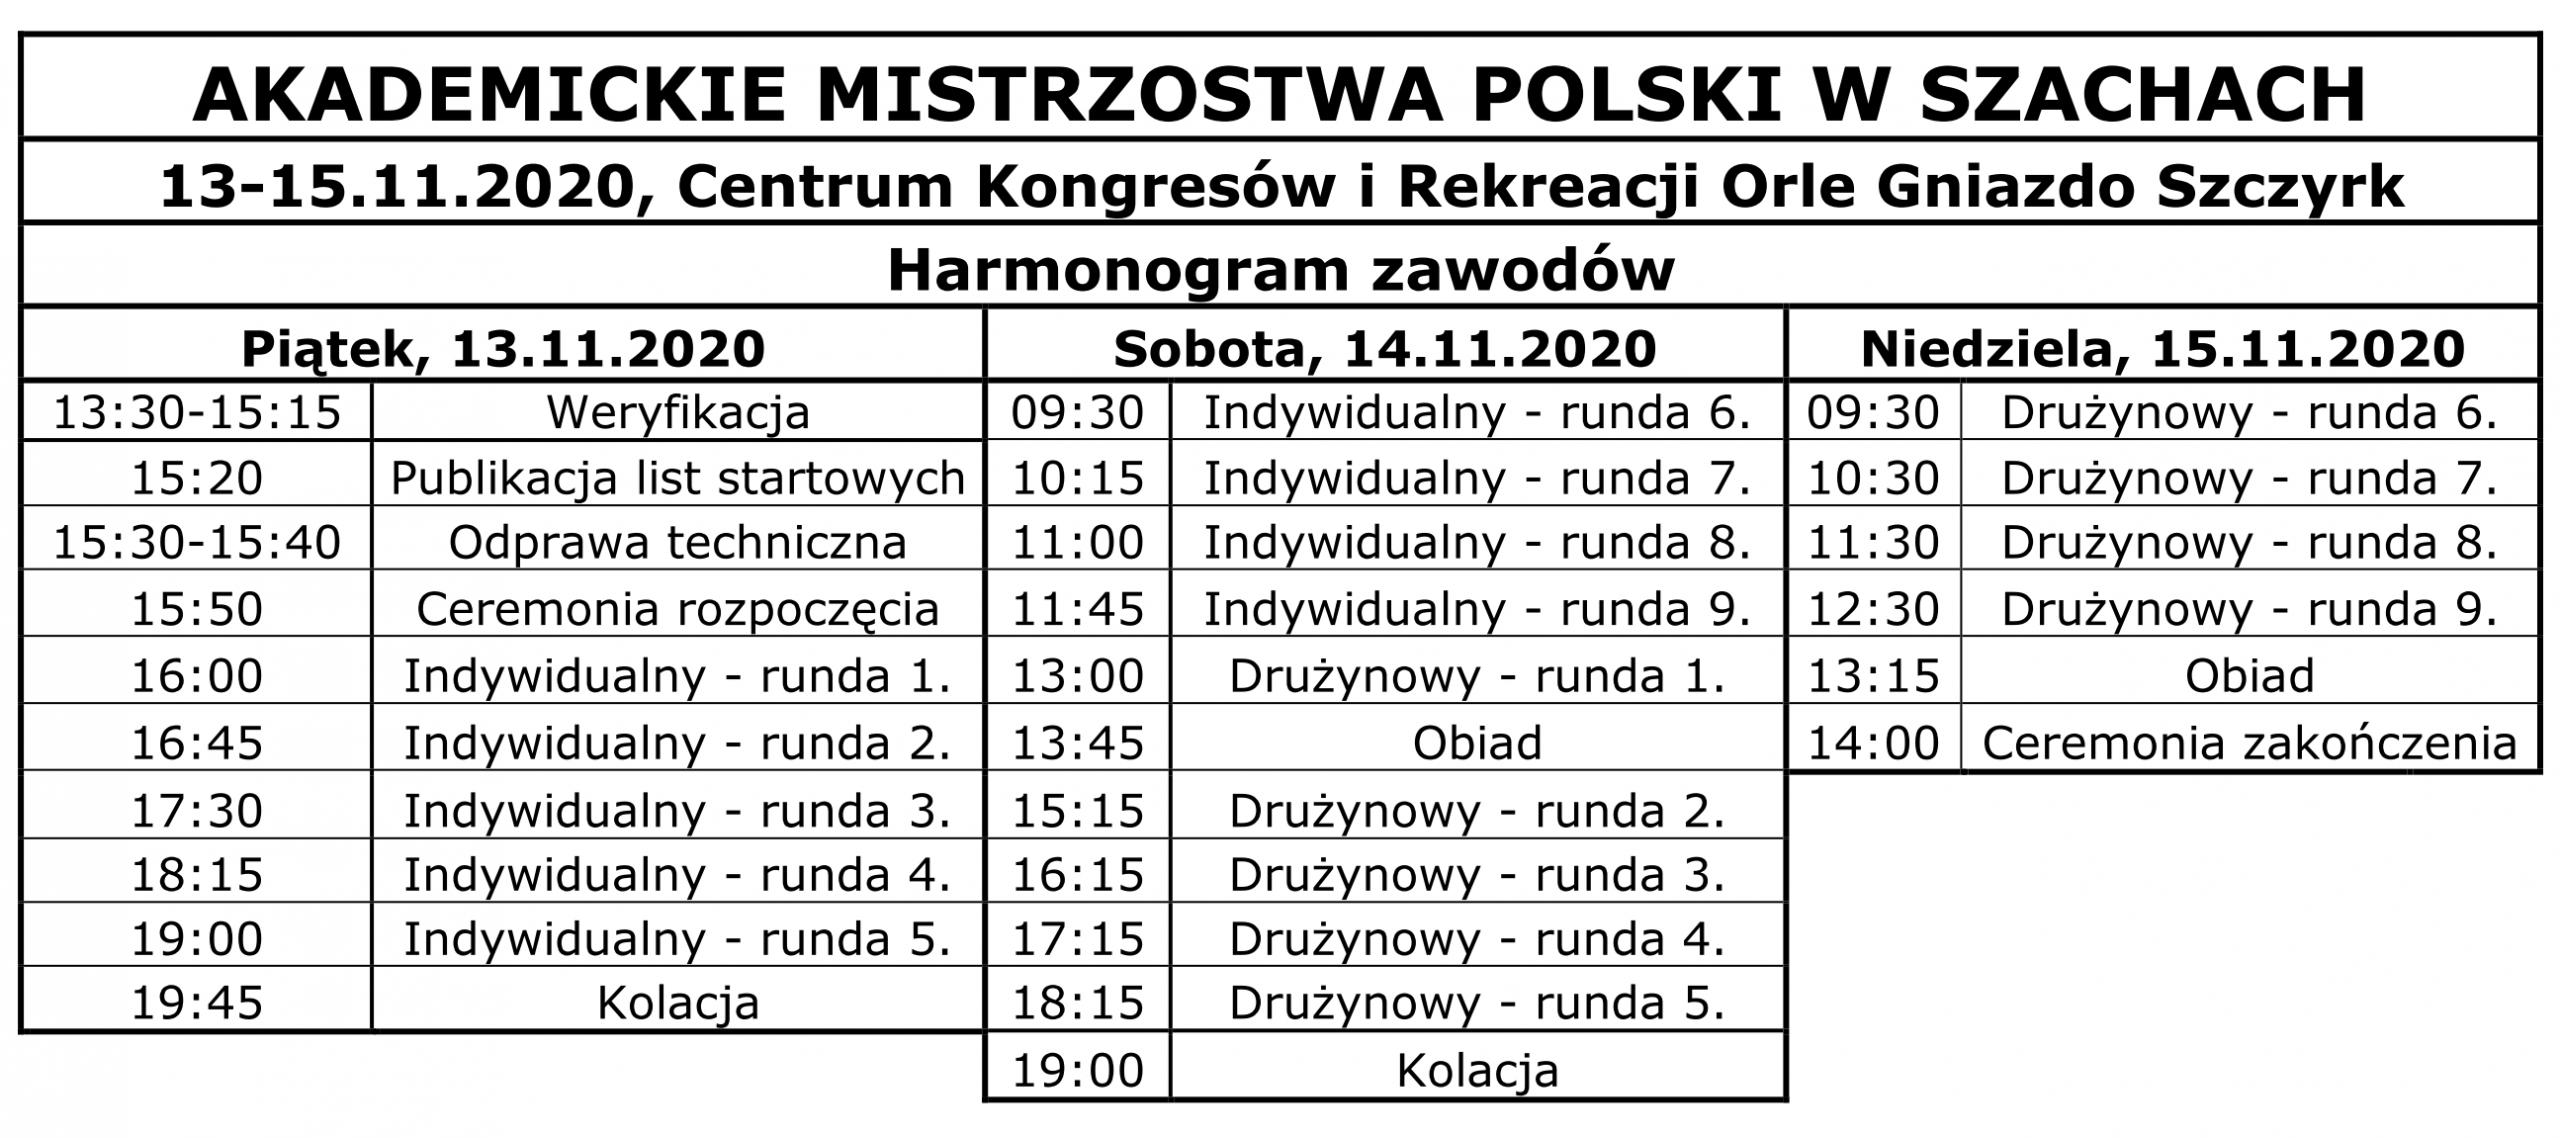 Akademickie_Mistrzostwa_Polski_szachy_harmonogram